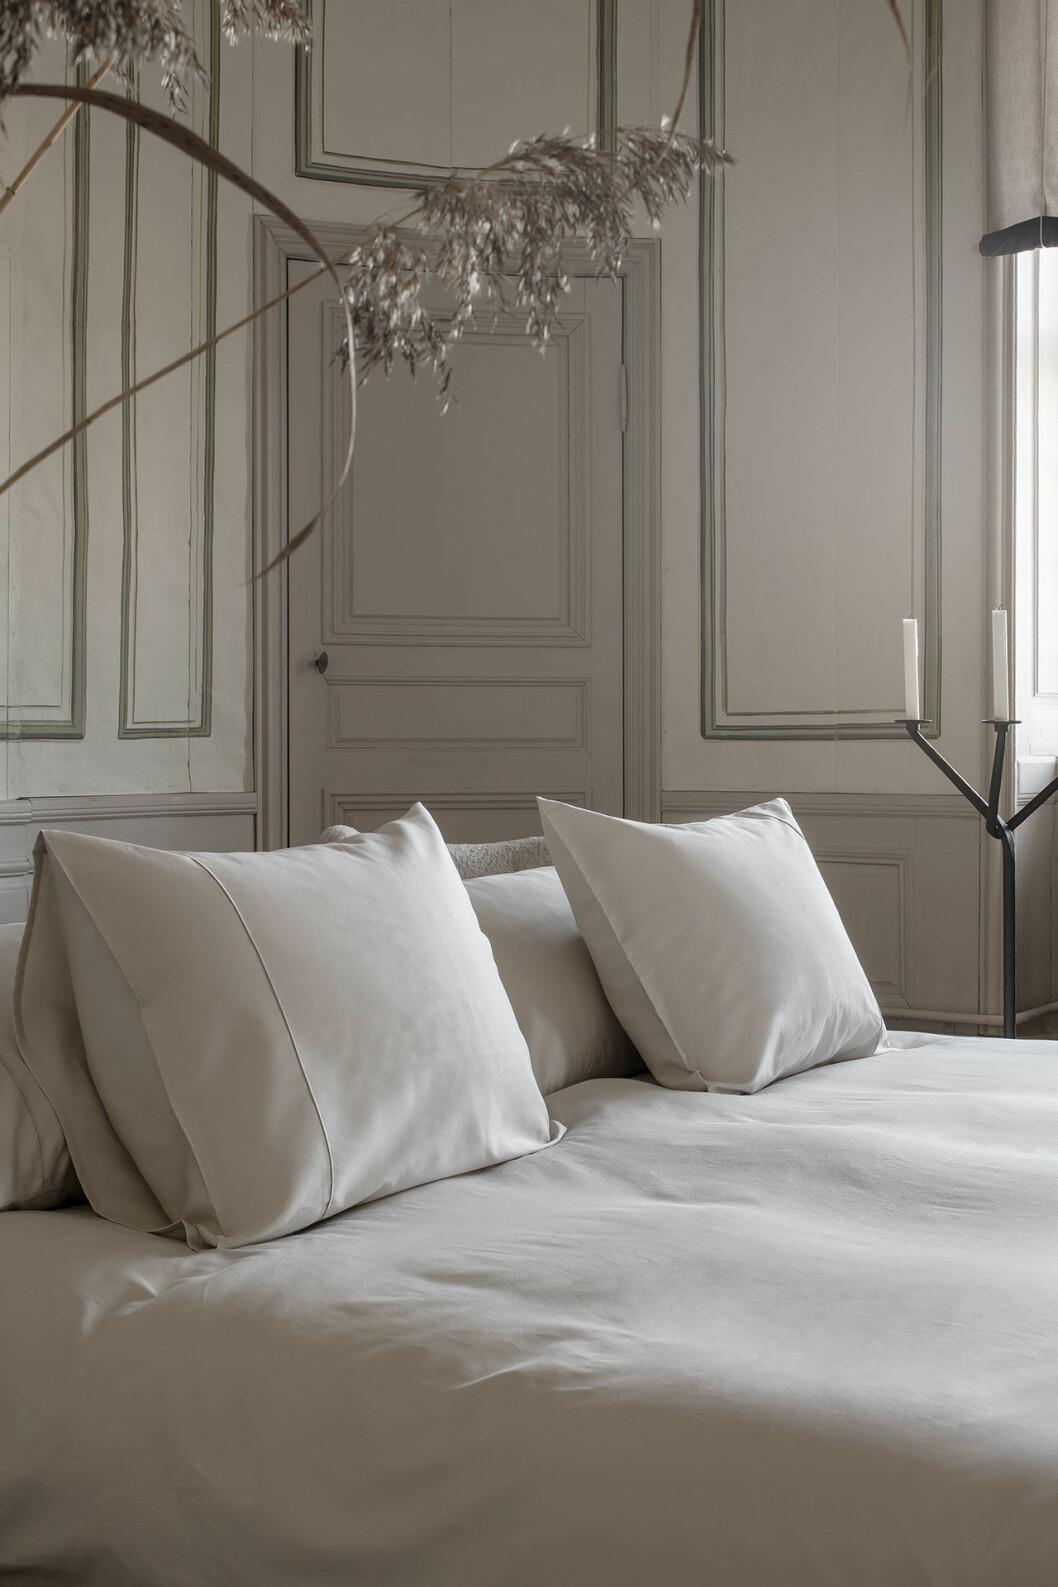 Sängkläder som är hållbara